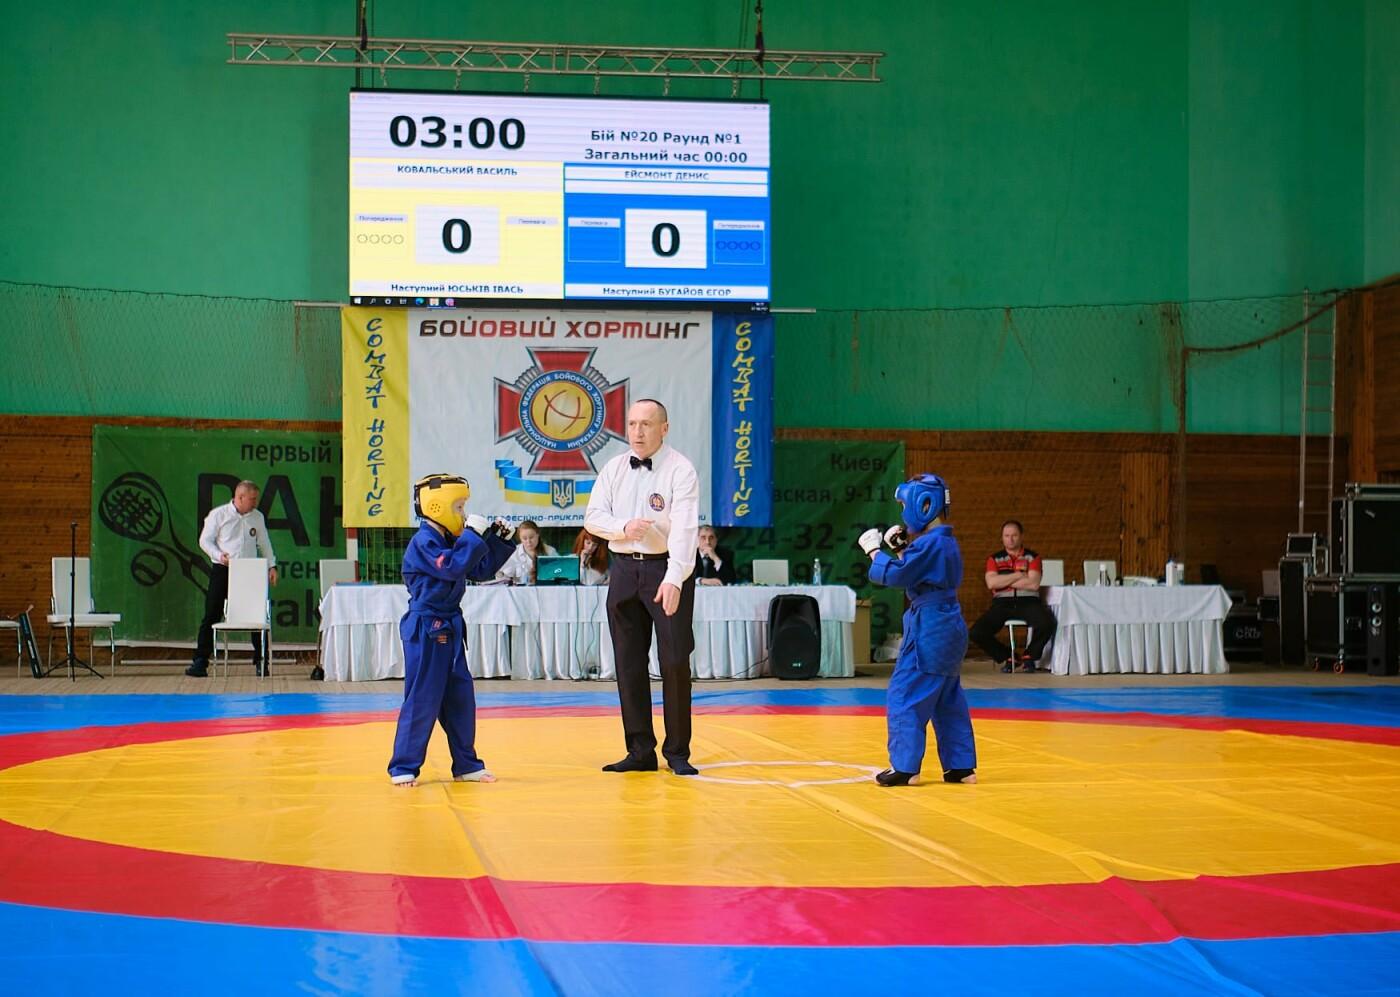 Бердянские спортсмены привезли 36 медалей с Чемпионата Украины по боевому хортингу (ФОТО), фото-2